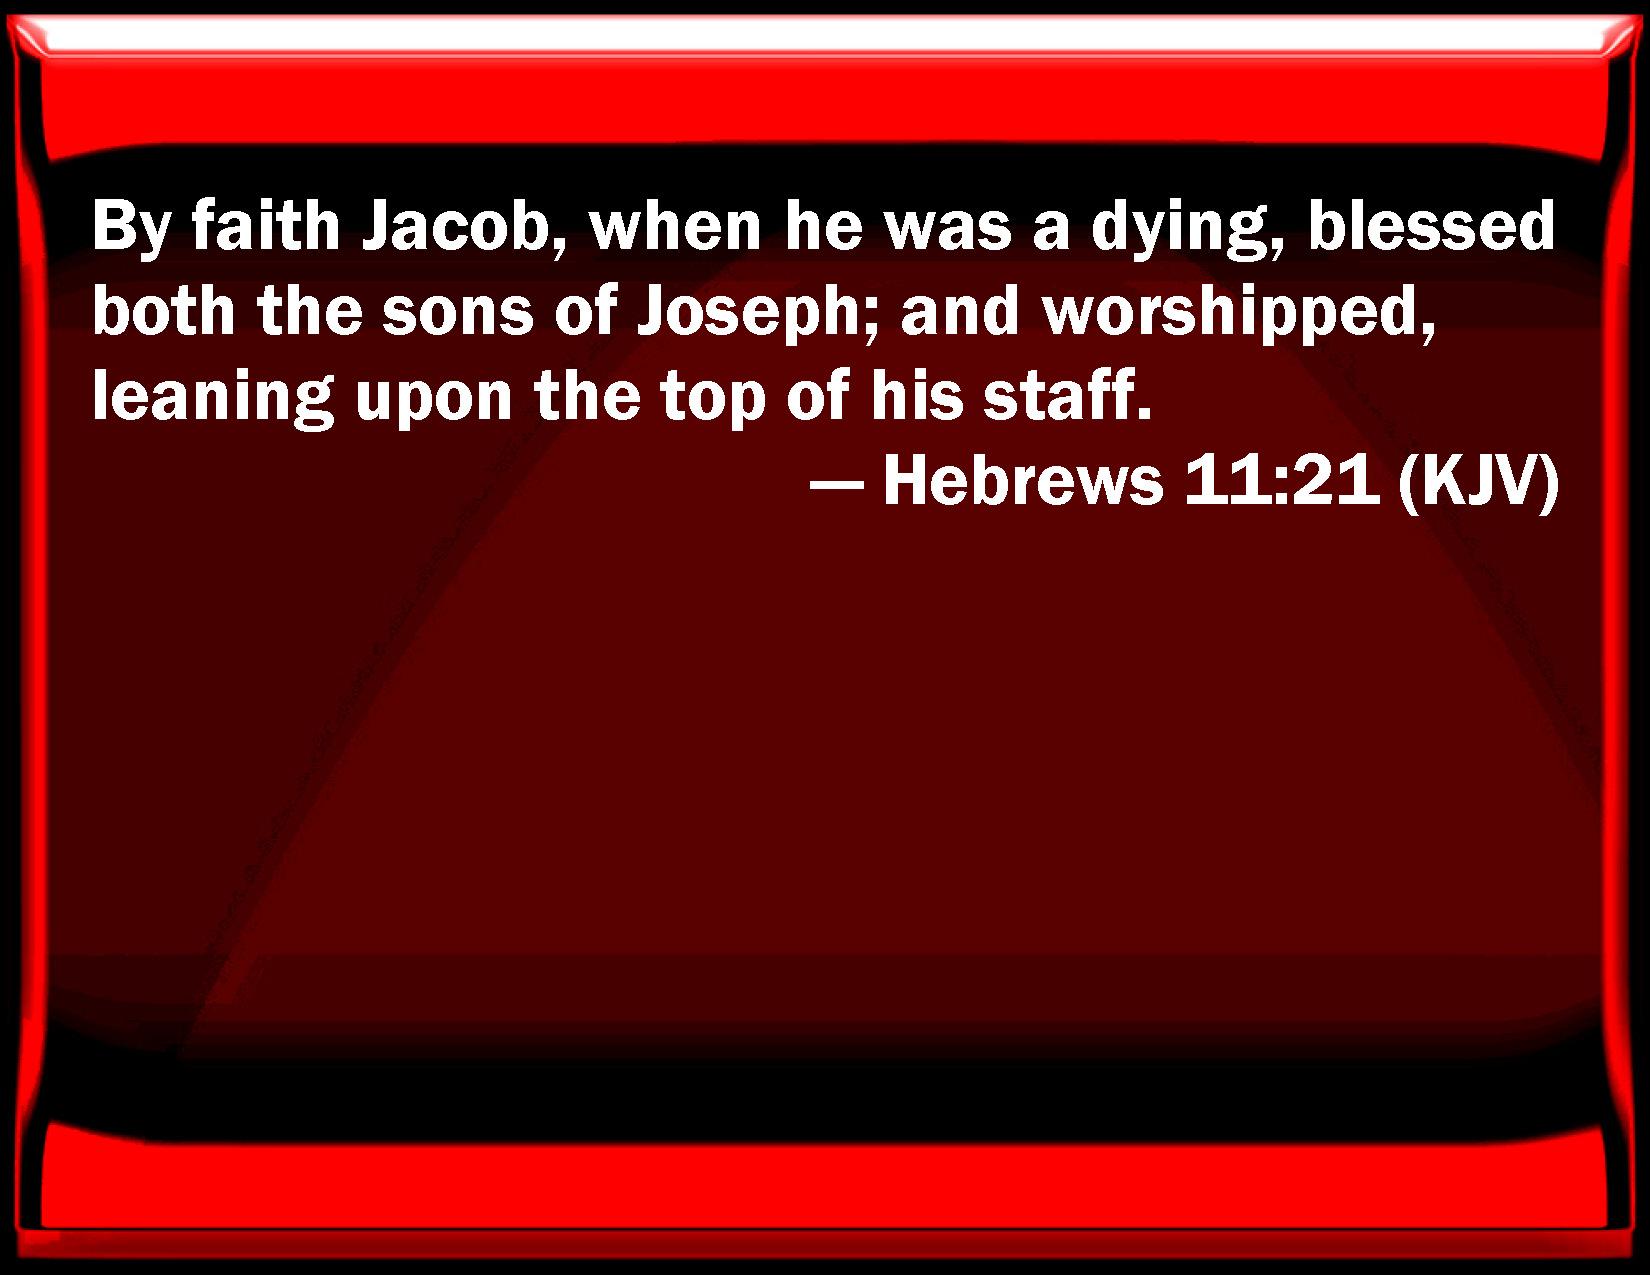 Hebrews 11:21